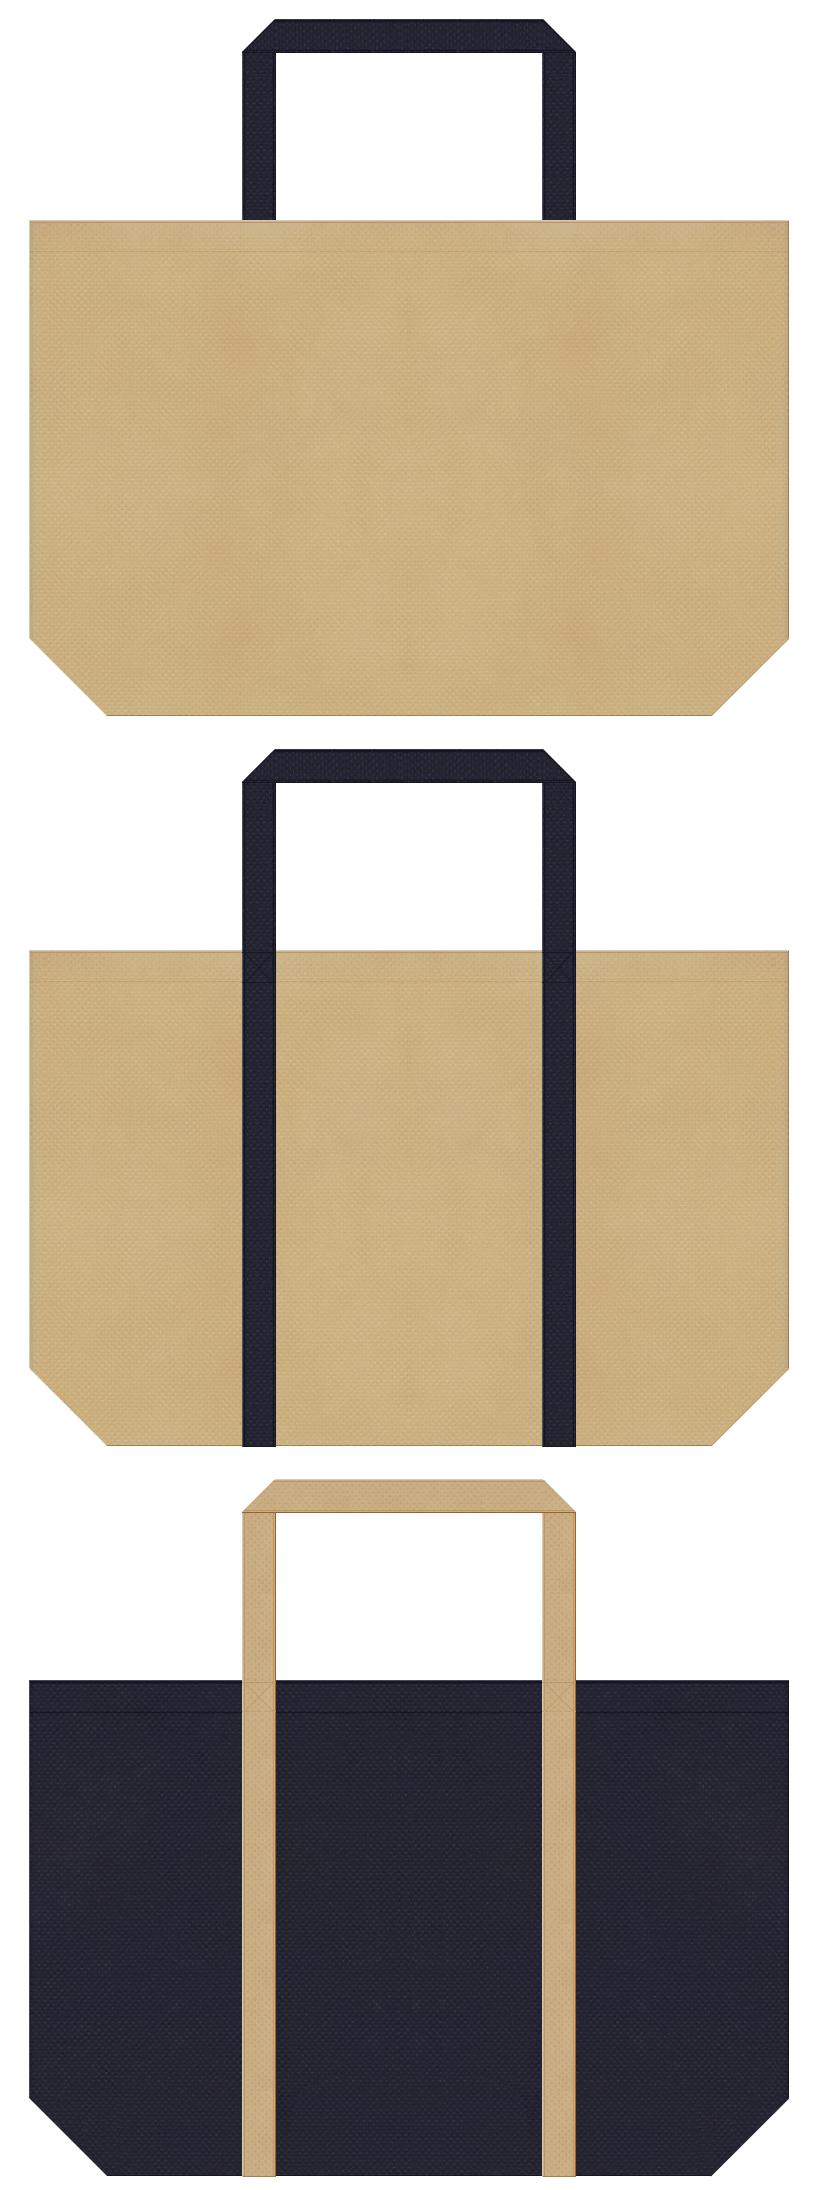 学校・オープンキャンパス・学習塾・専門書・書籍・レッスンバッグ・インディゴデニム・ジーパン・カジュアル・アウトレットのショッピングバッグにお奨めの不織布バッグデザイン:カーキ色と濃紺色のコーデ